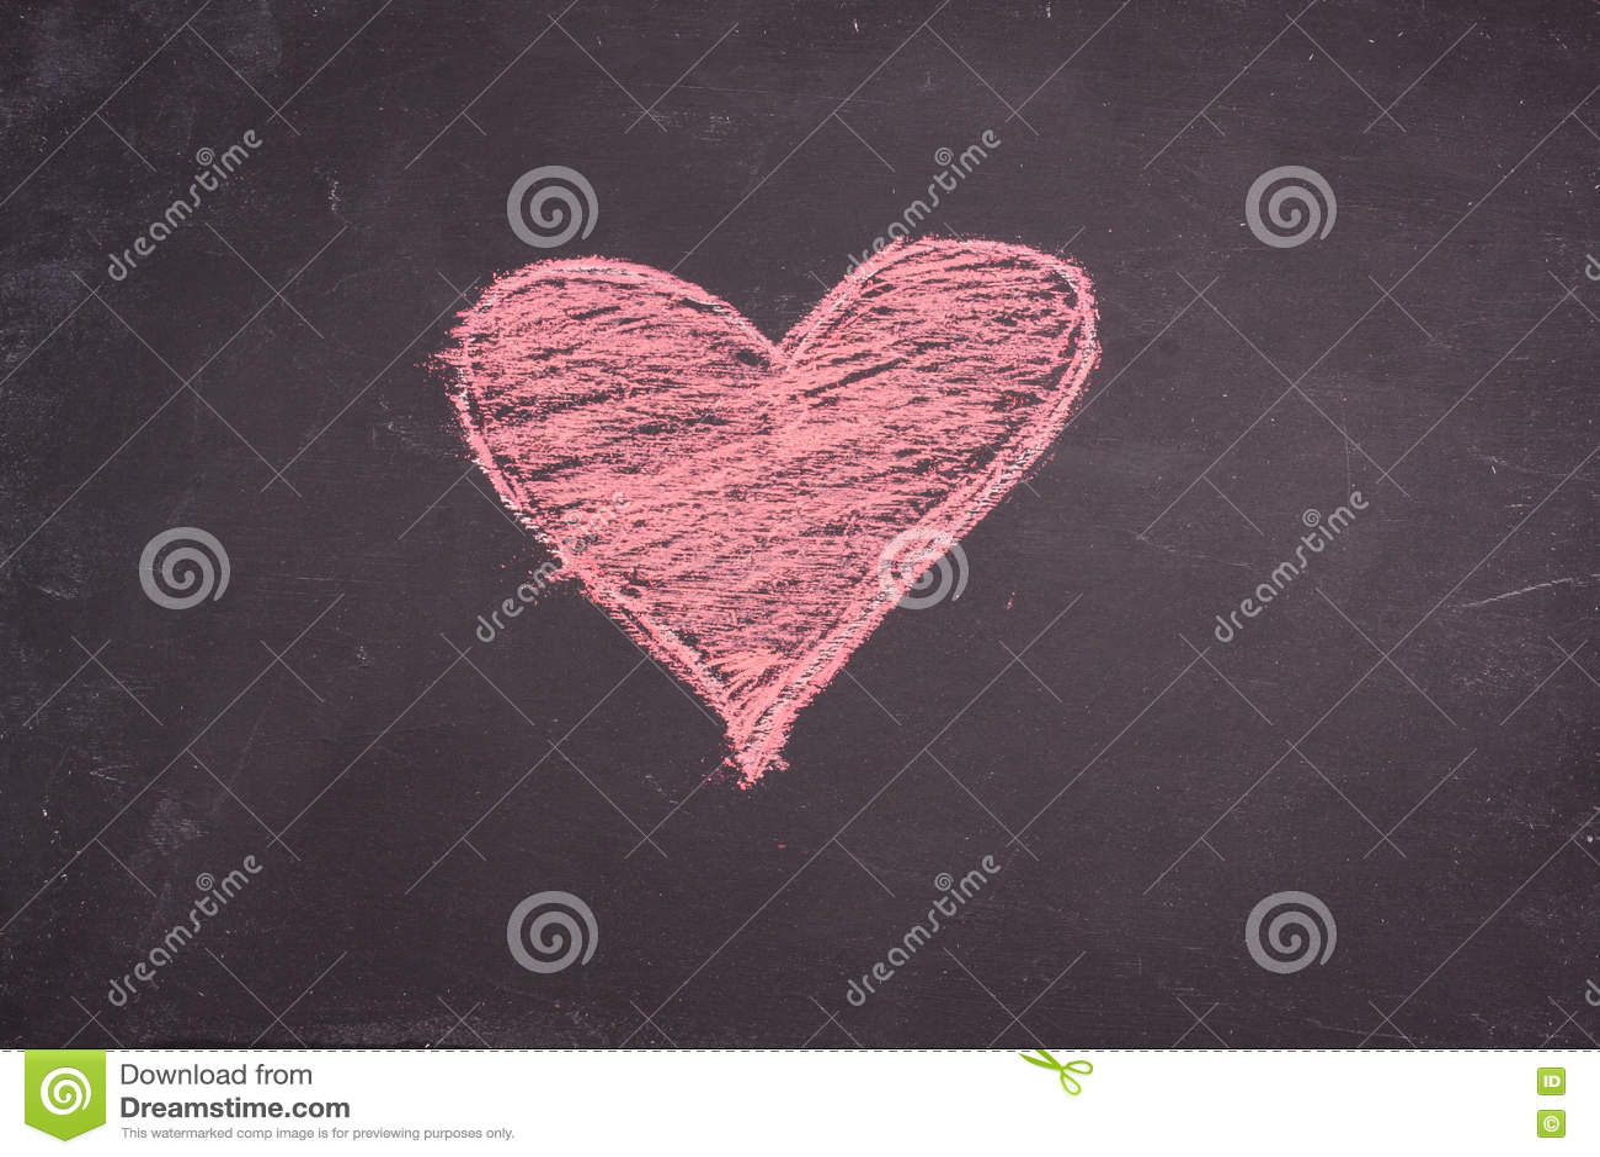 Dibujo del corazón de la tiza